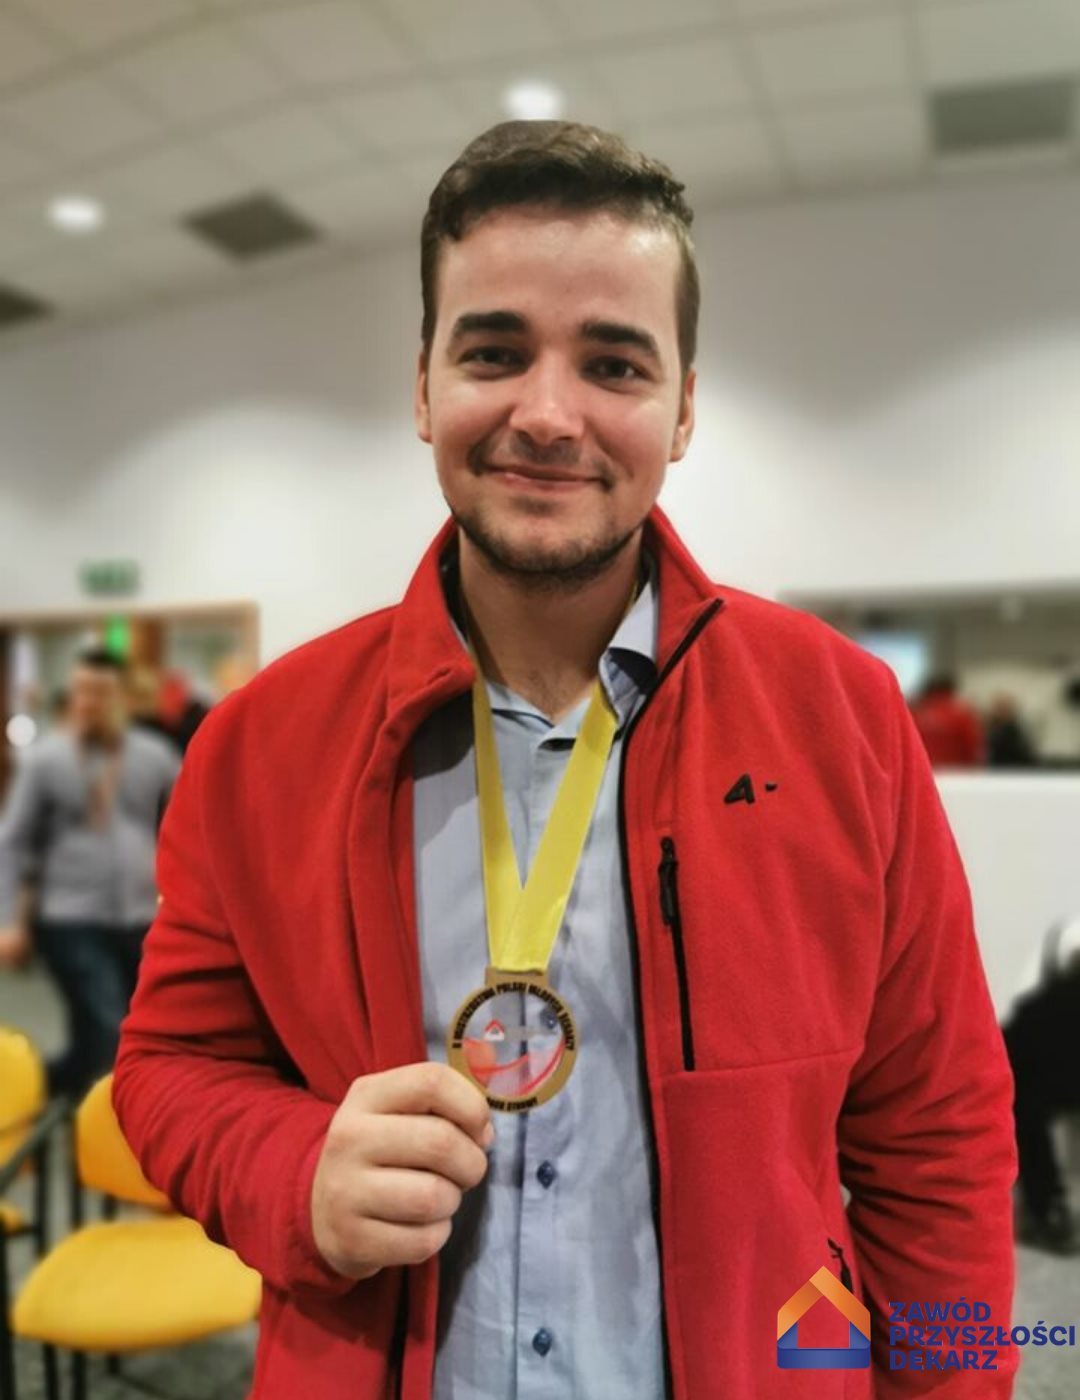 Wywiad z Kacprem Zalewskim – Czyli jak zostać Mistrzem Młodych Dekarzy w pół roku?